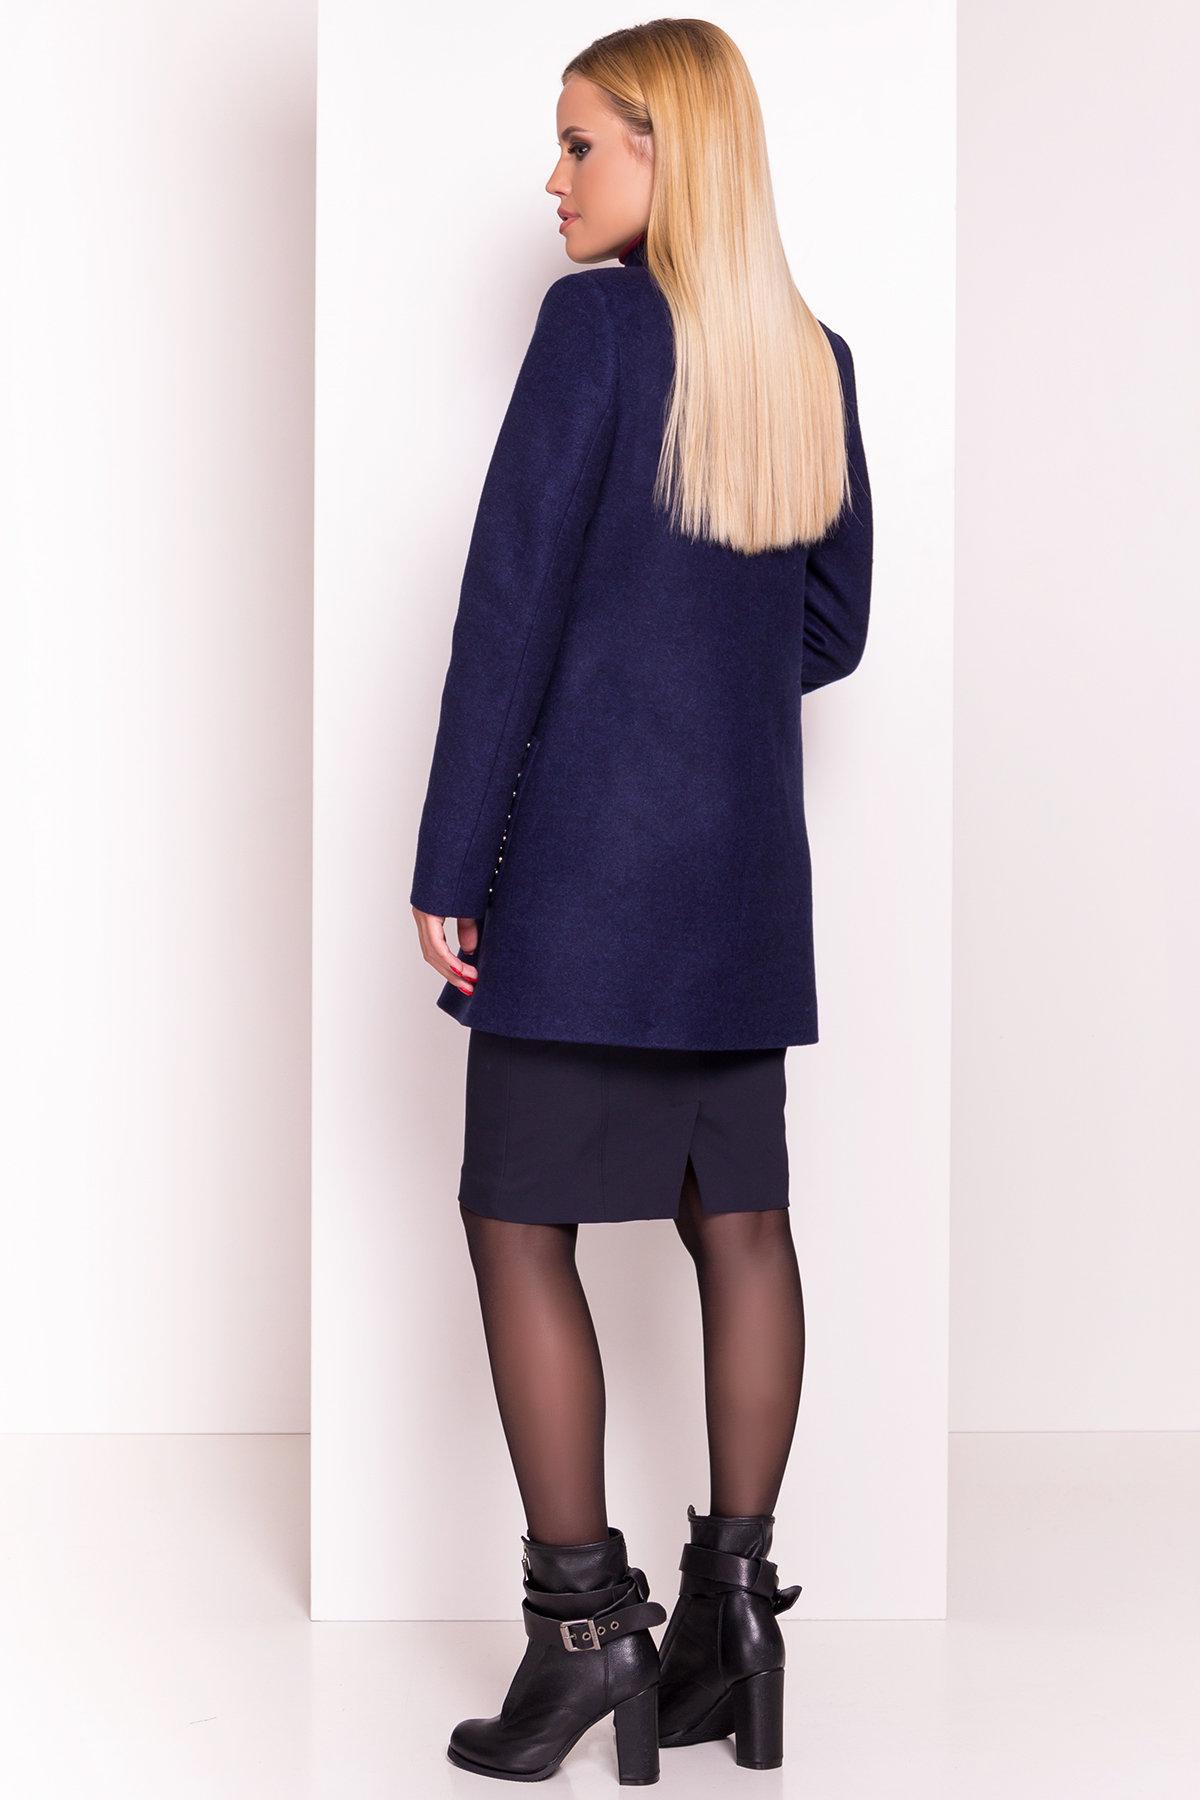 Пальто Даймон 5377 АРТ. 36745 Цвет: Темно-синий 17 - фото 4, интернет магазин tm-modus.ru